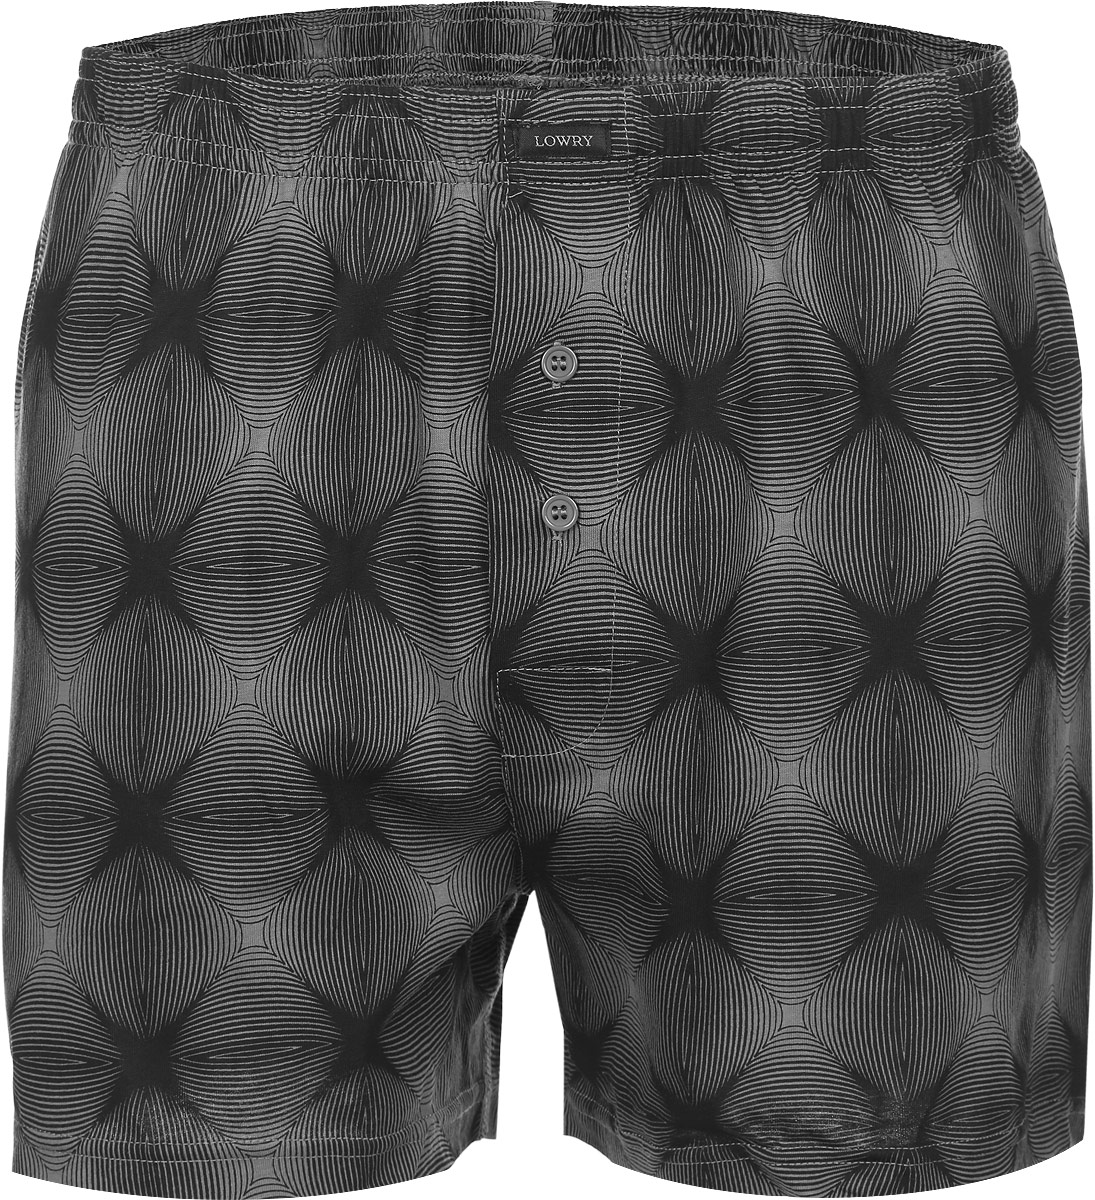 Трусы семейные мужские Lowry, цвет: черный, серый. MSH-373. Размер XXL (52/54) трусы lowry трусы